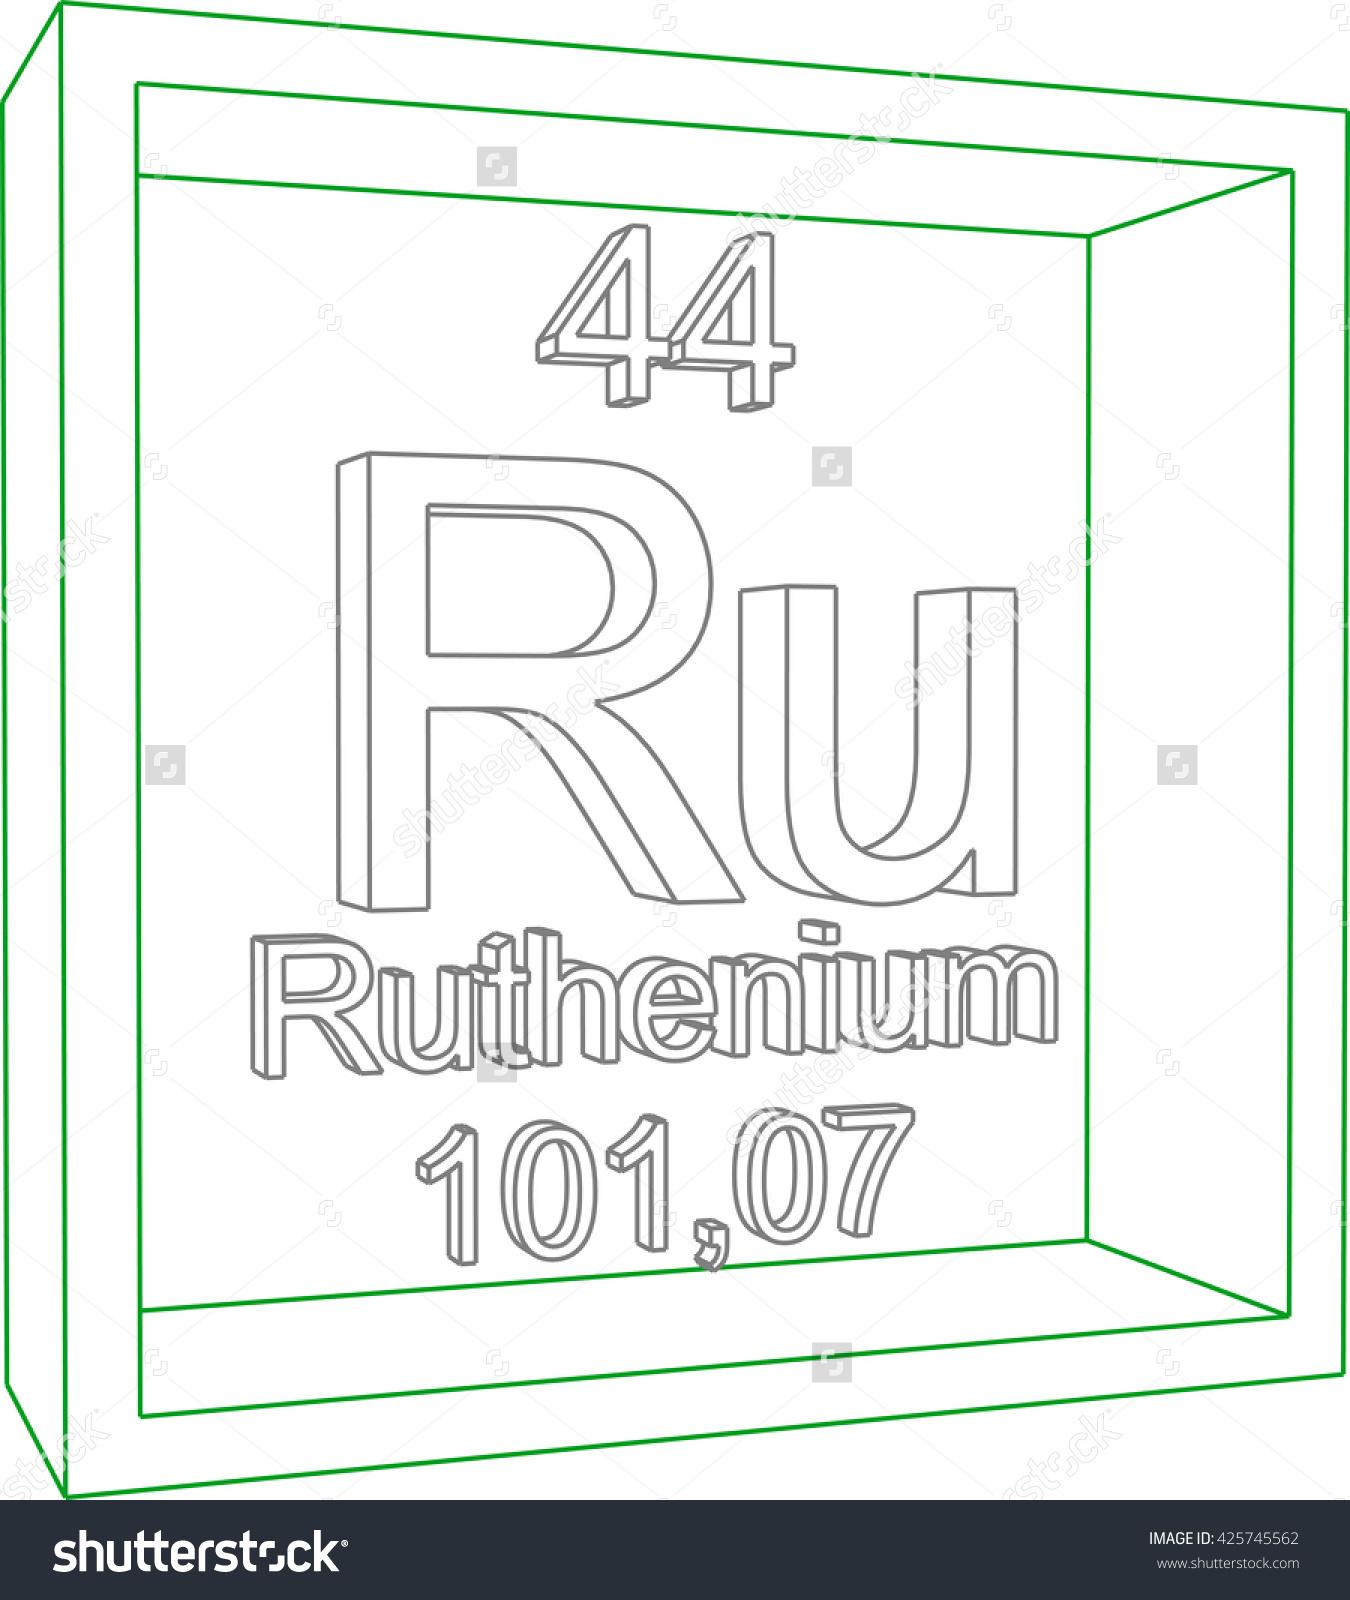 Ruthenium coloring #10, Download drawings